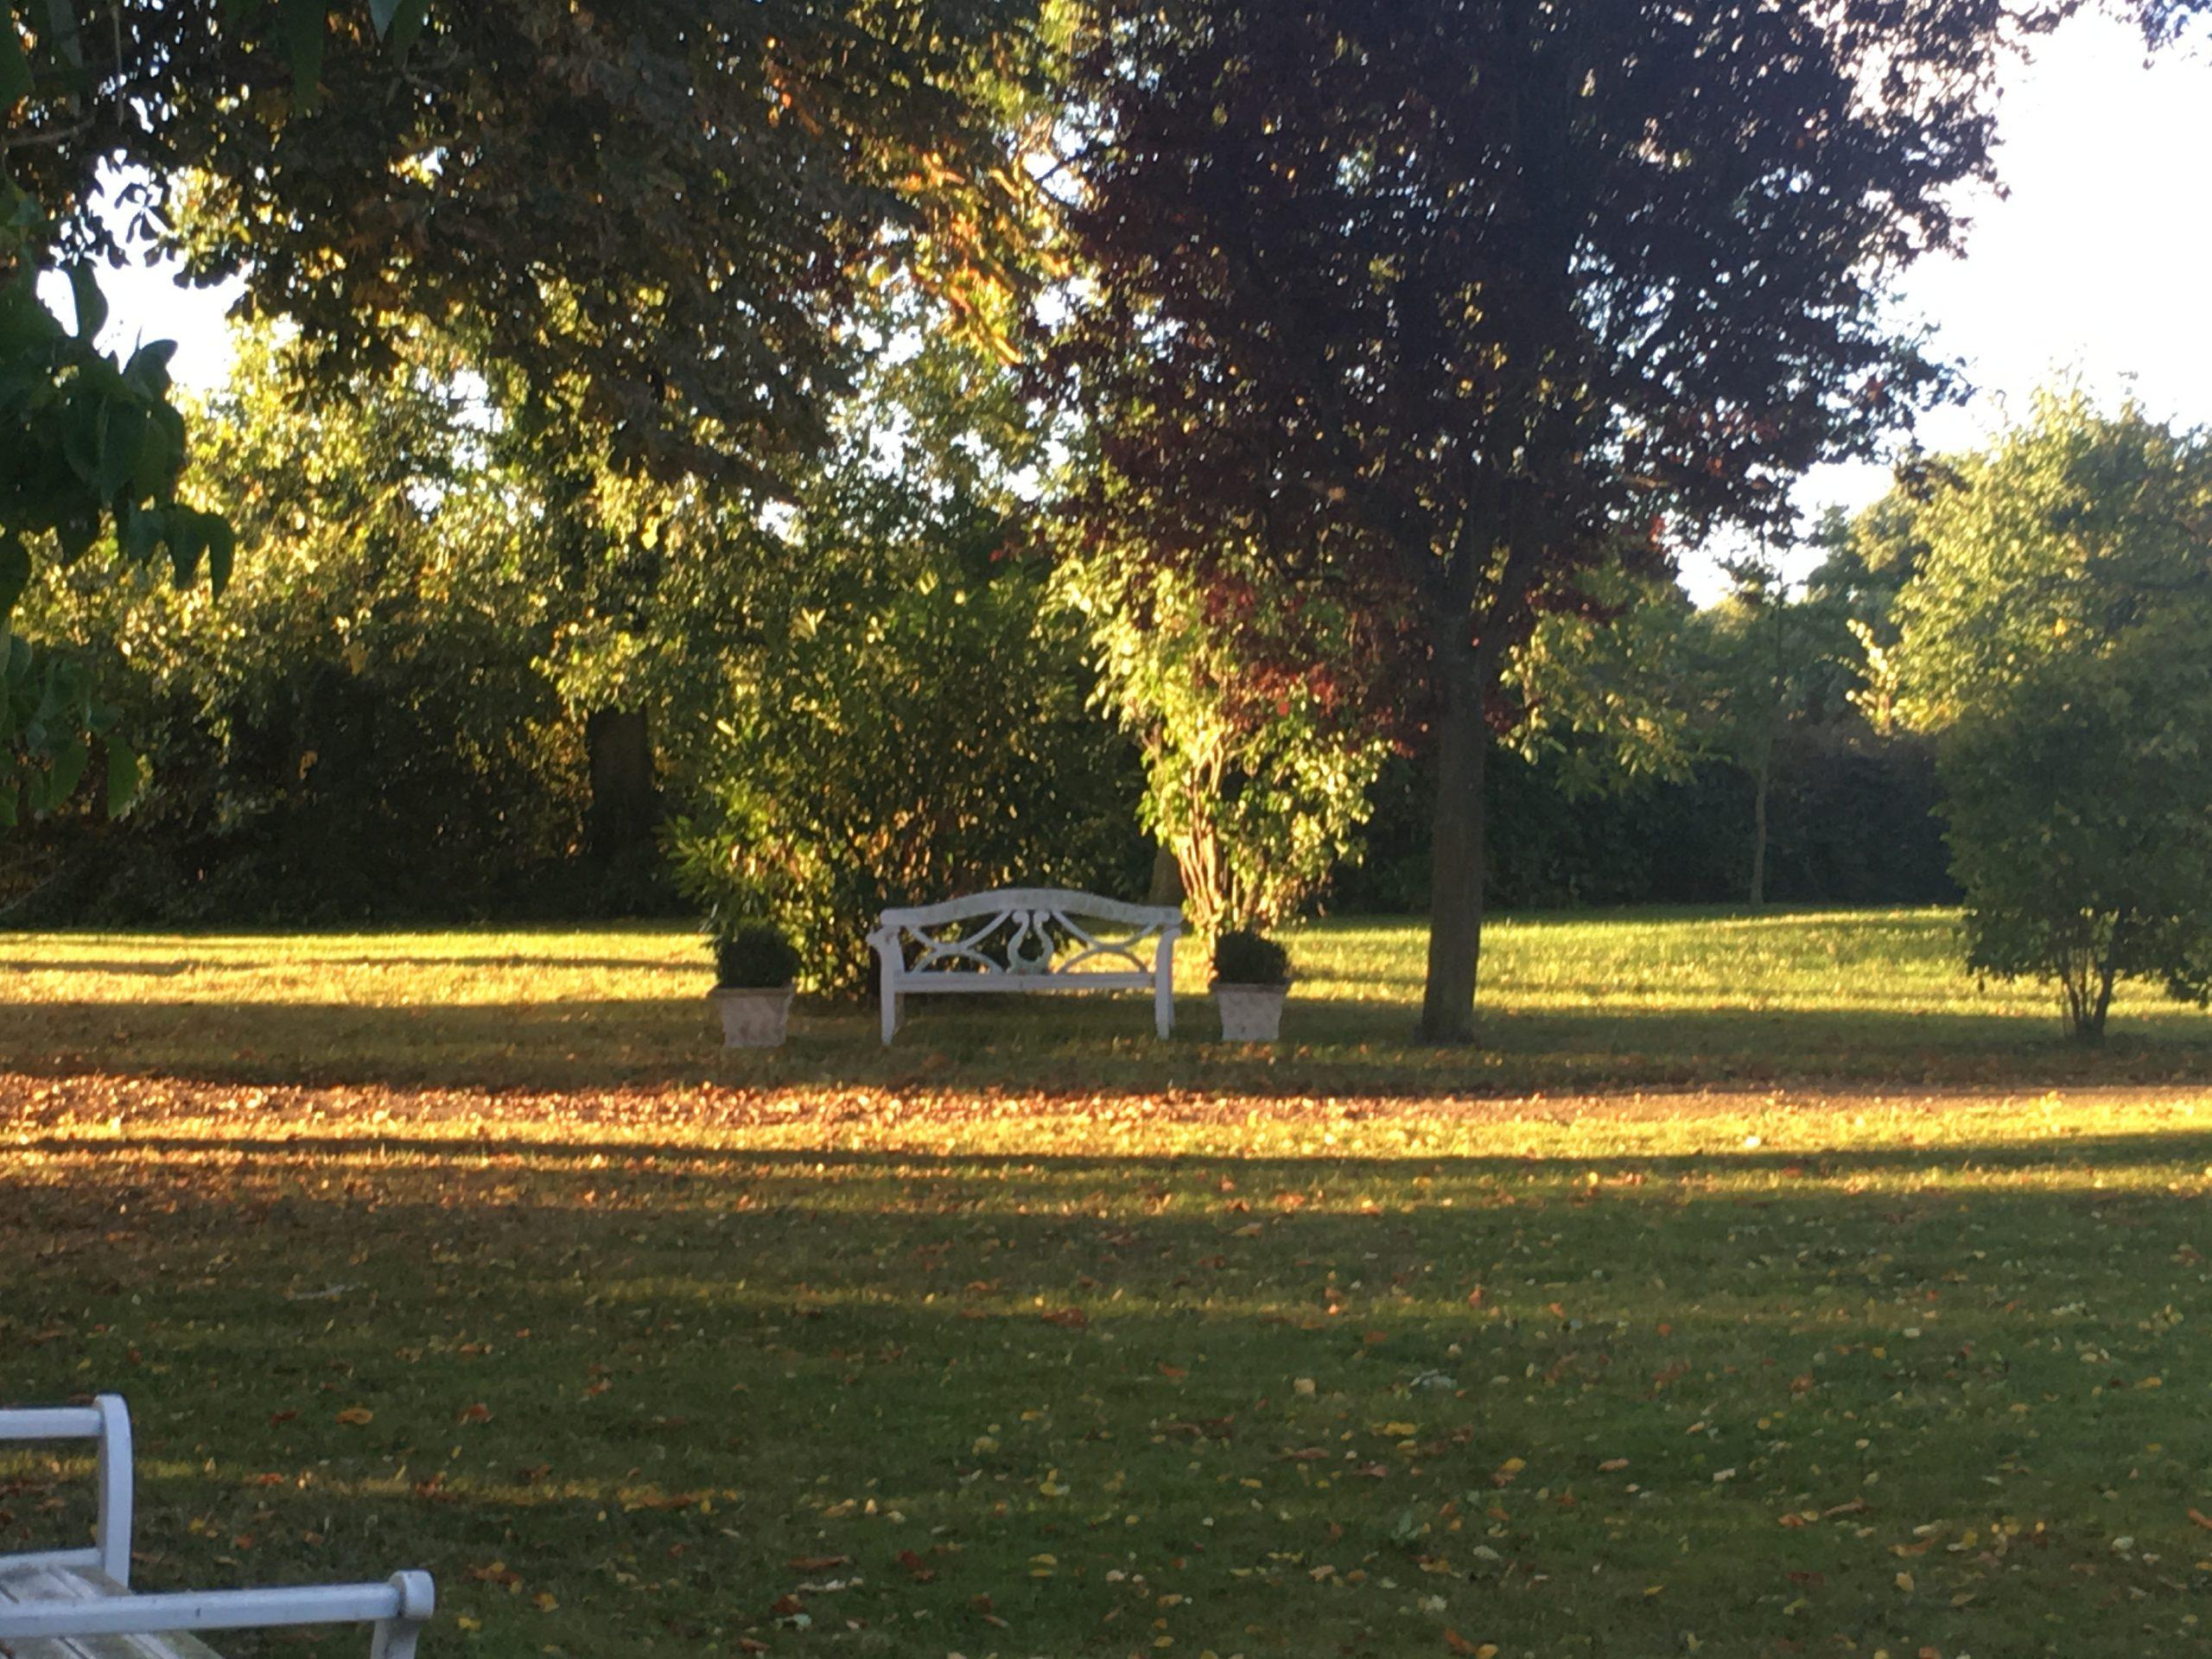 Gut Friederikenhof - ruhige Plätze inmitten der Herbstlandschaft